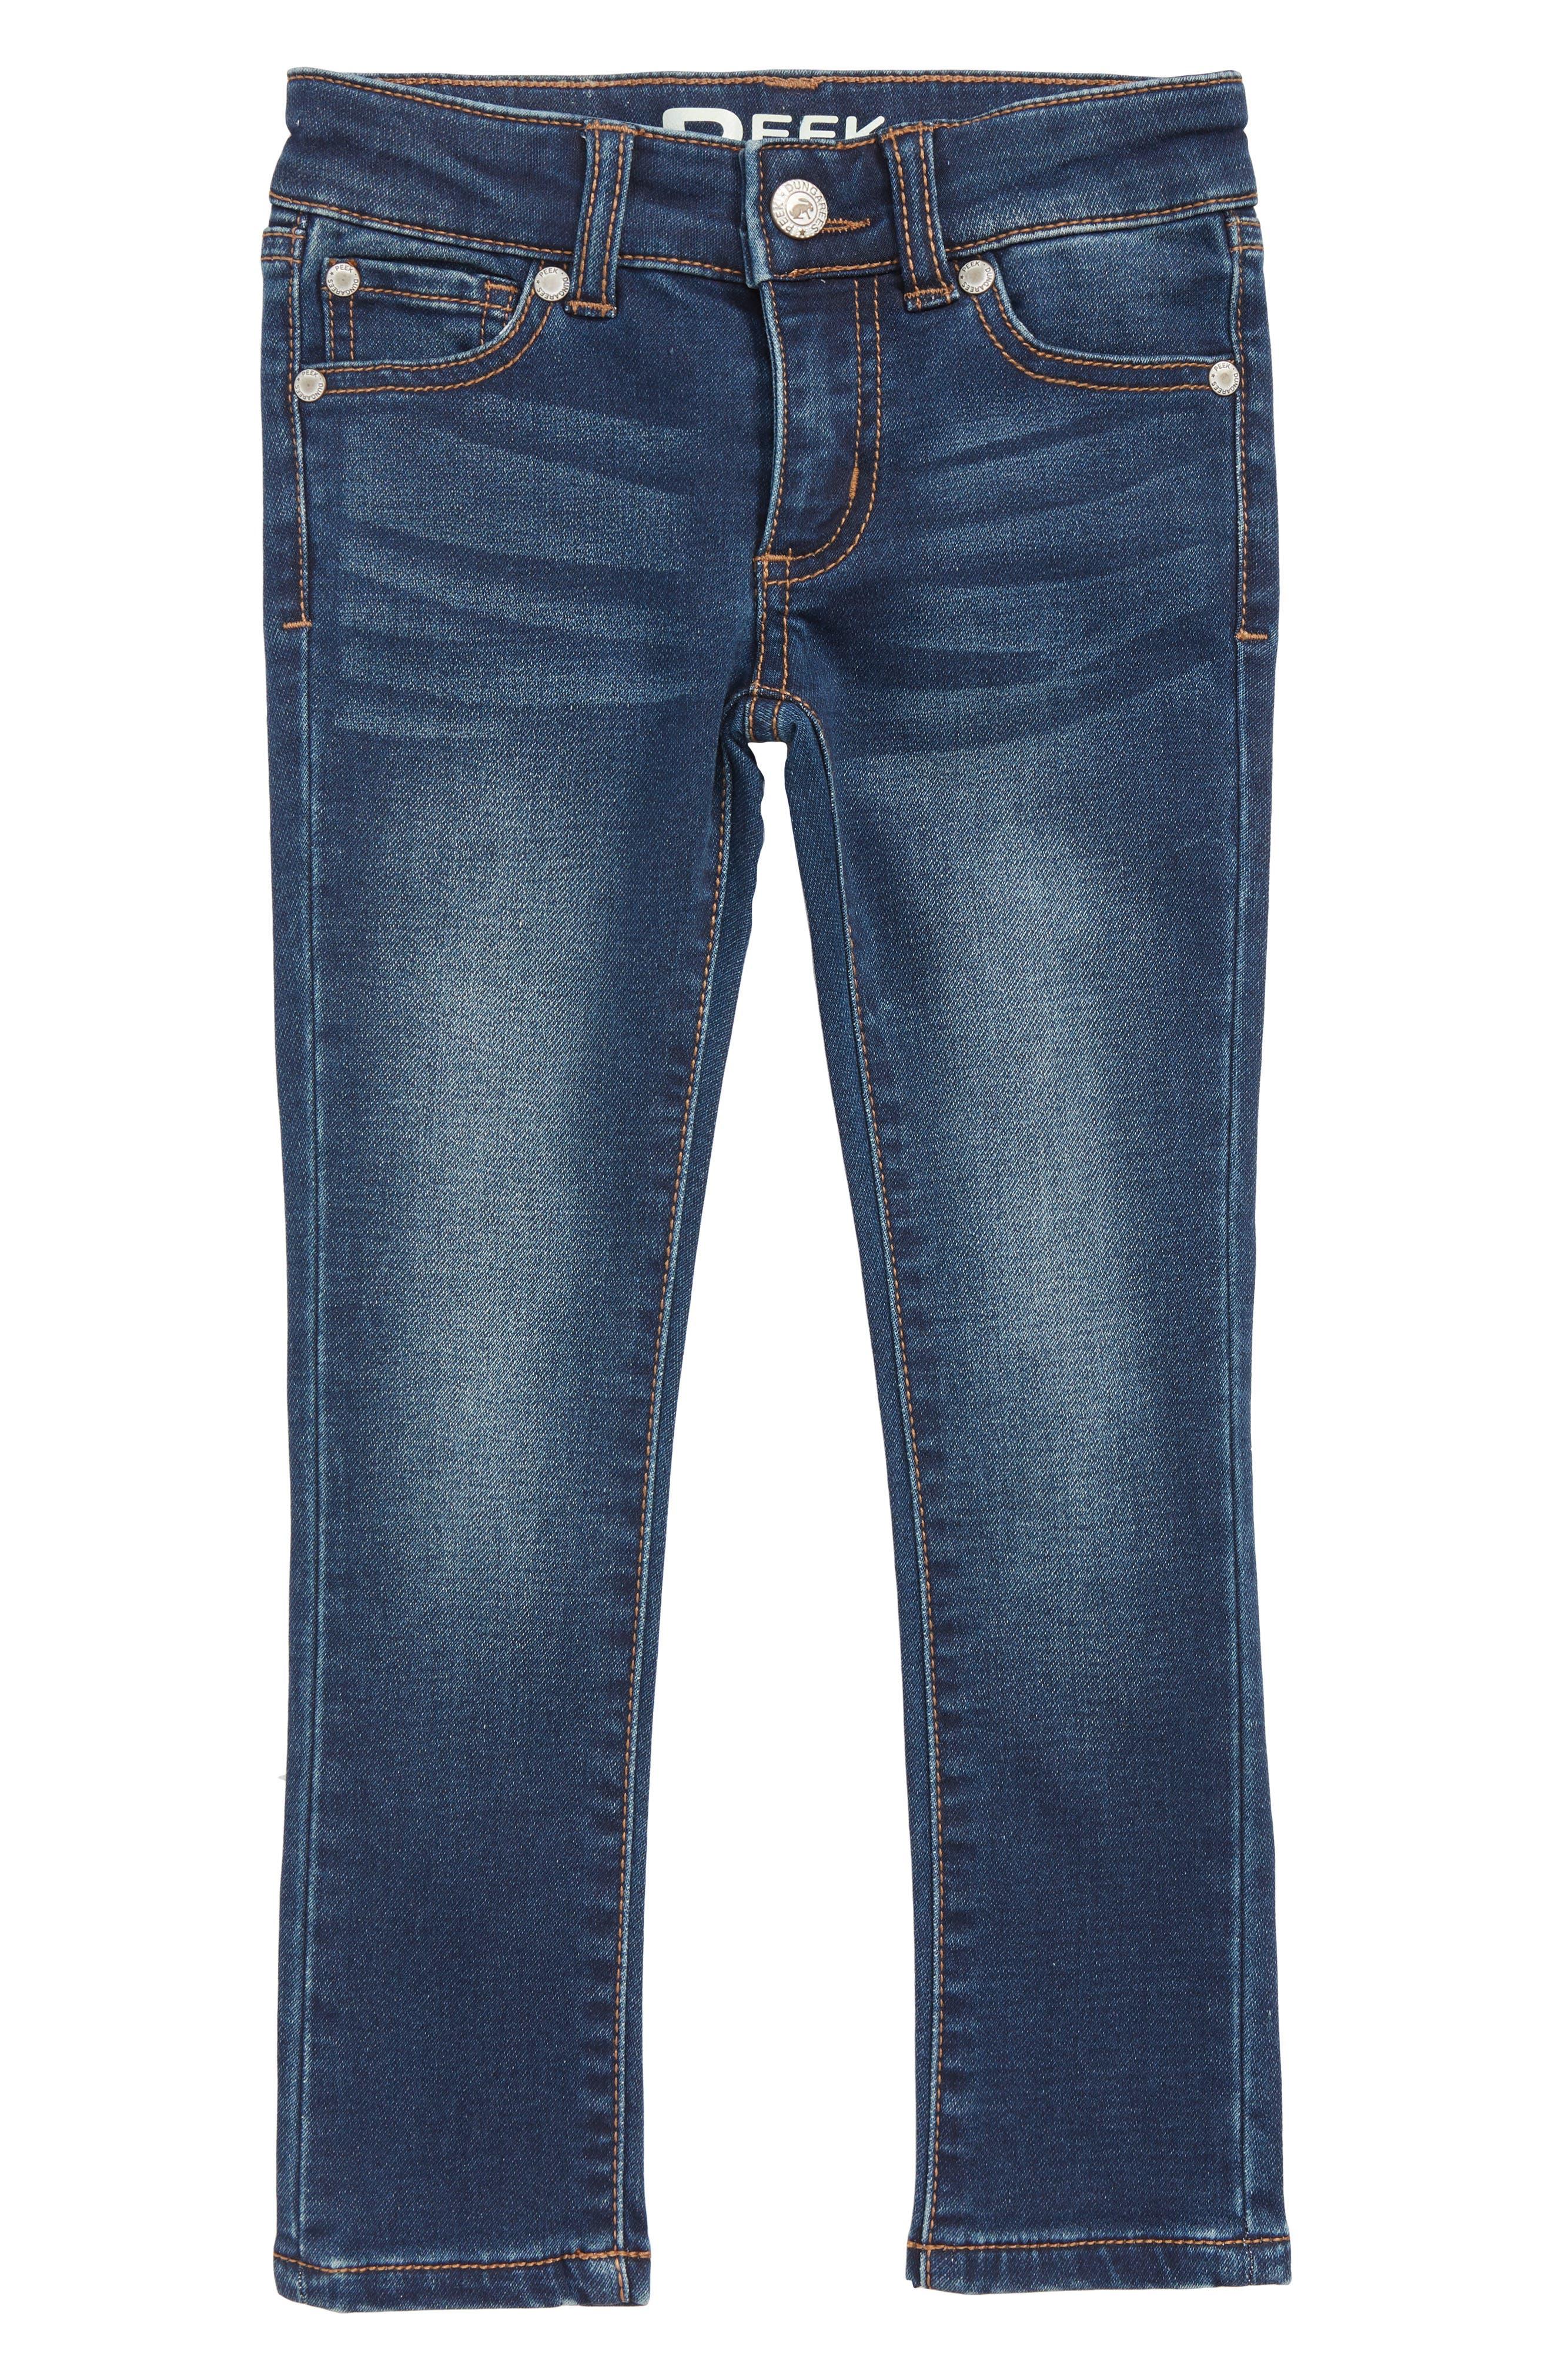 Taylor Jeans,                             Main thumbnail 1, color,                             RINSE